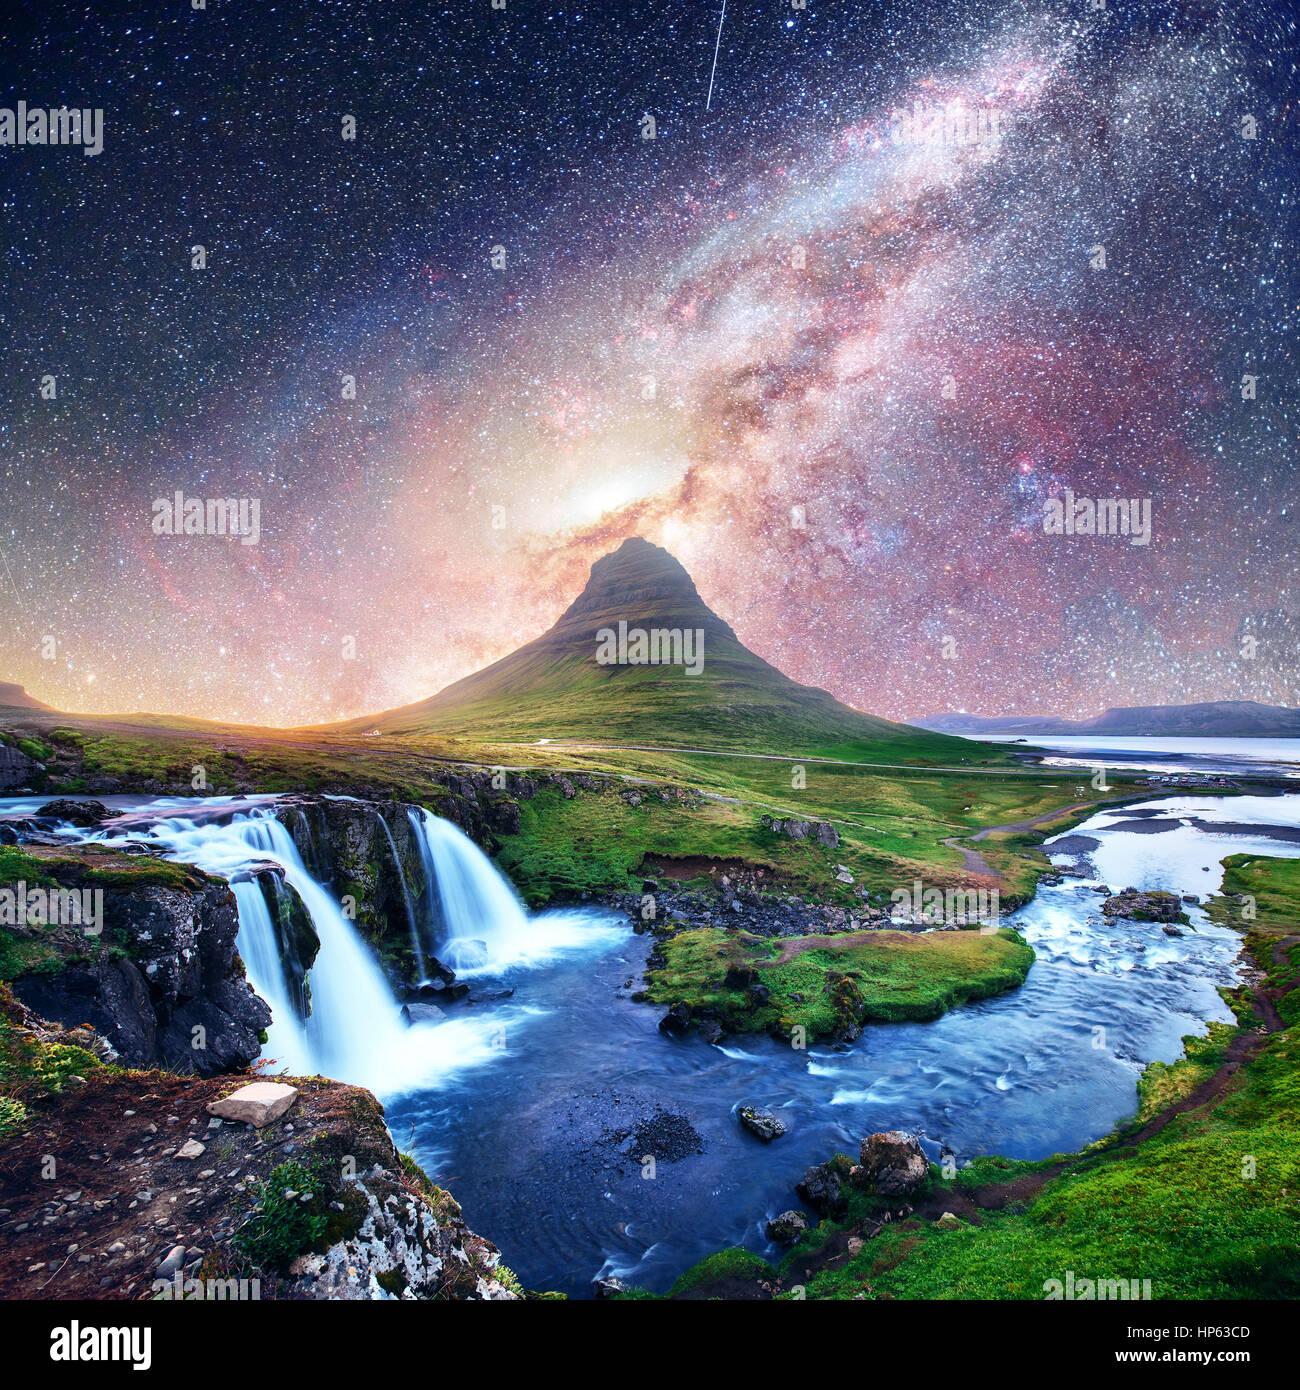 Ciel étoilé fantastique sur les paysages et cascades. Kirkjufell mountain,l'Islande avec la permission Photo Stock